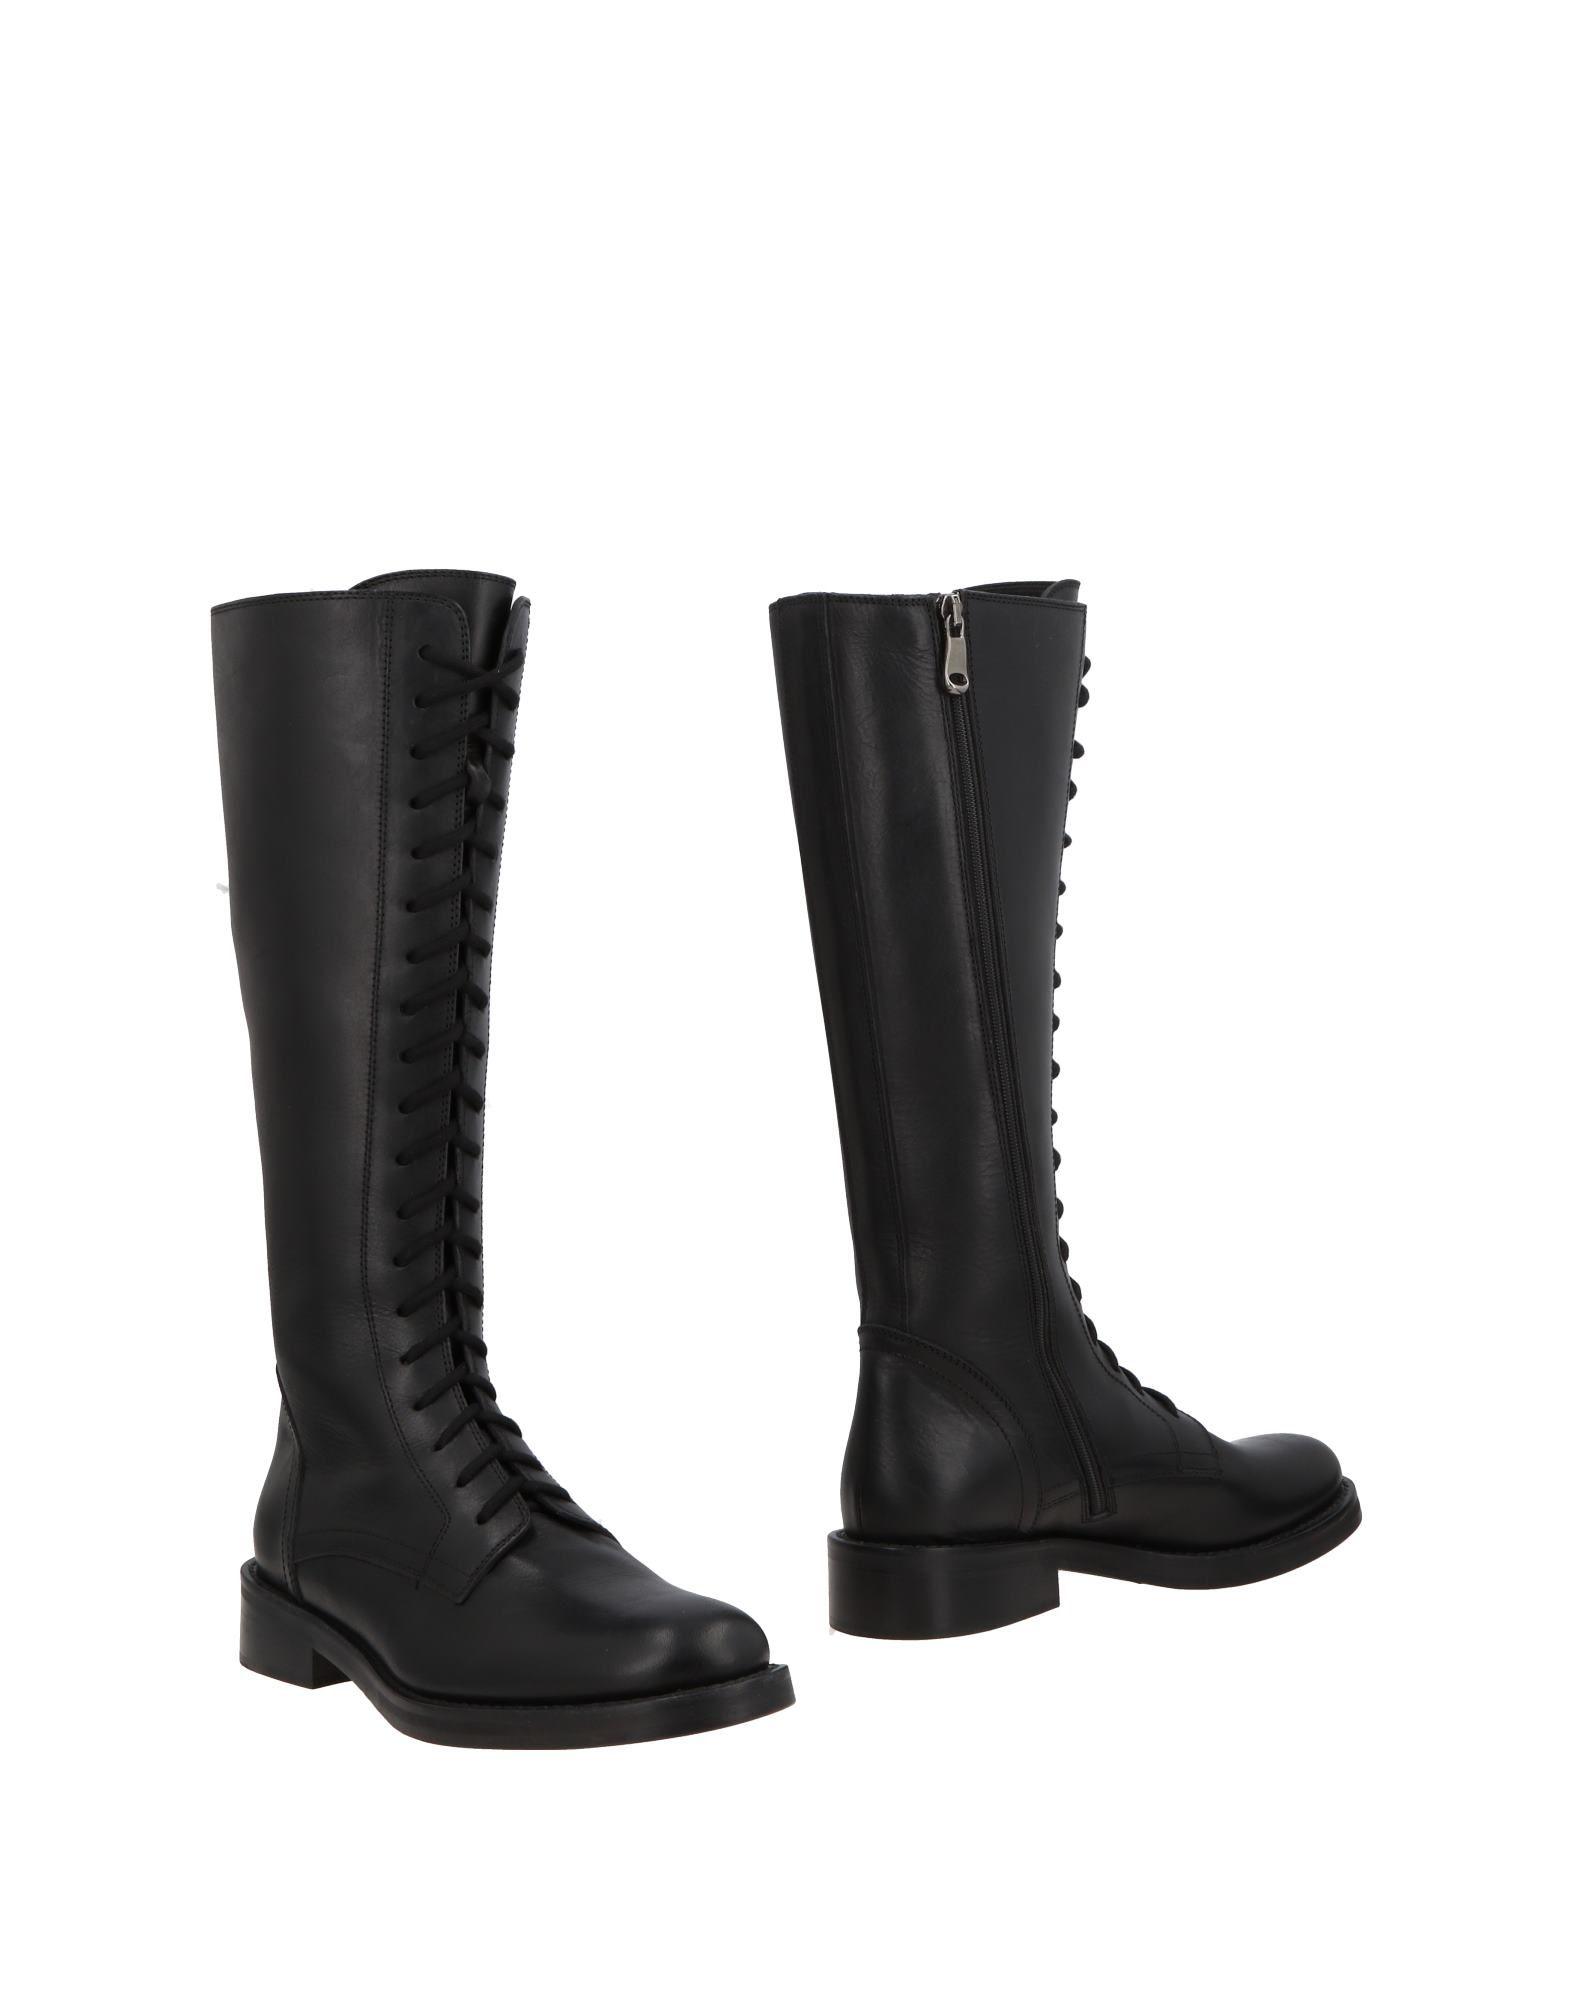 11498299MQ High Stiefel Damen  11498299MQ  Heiße Schuhe 555628